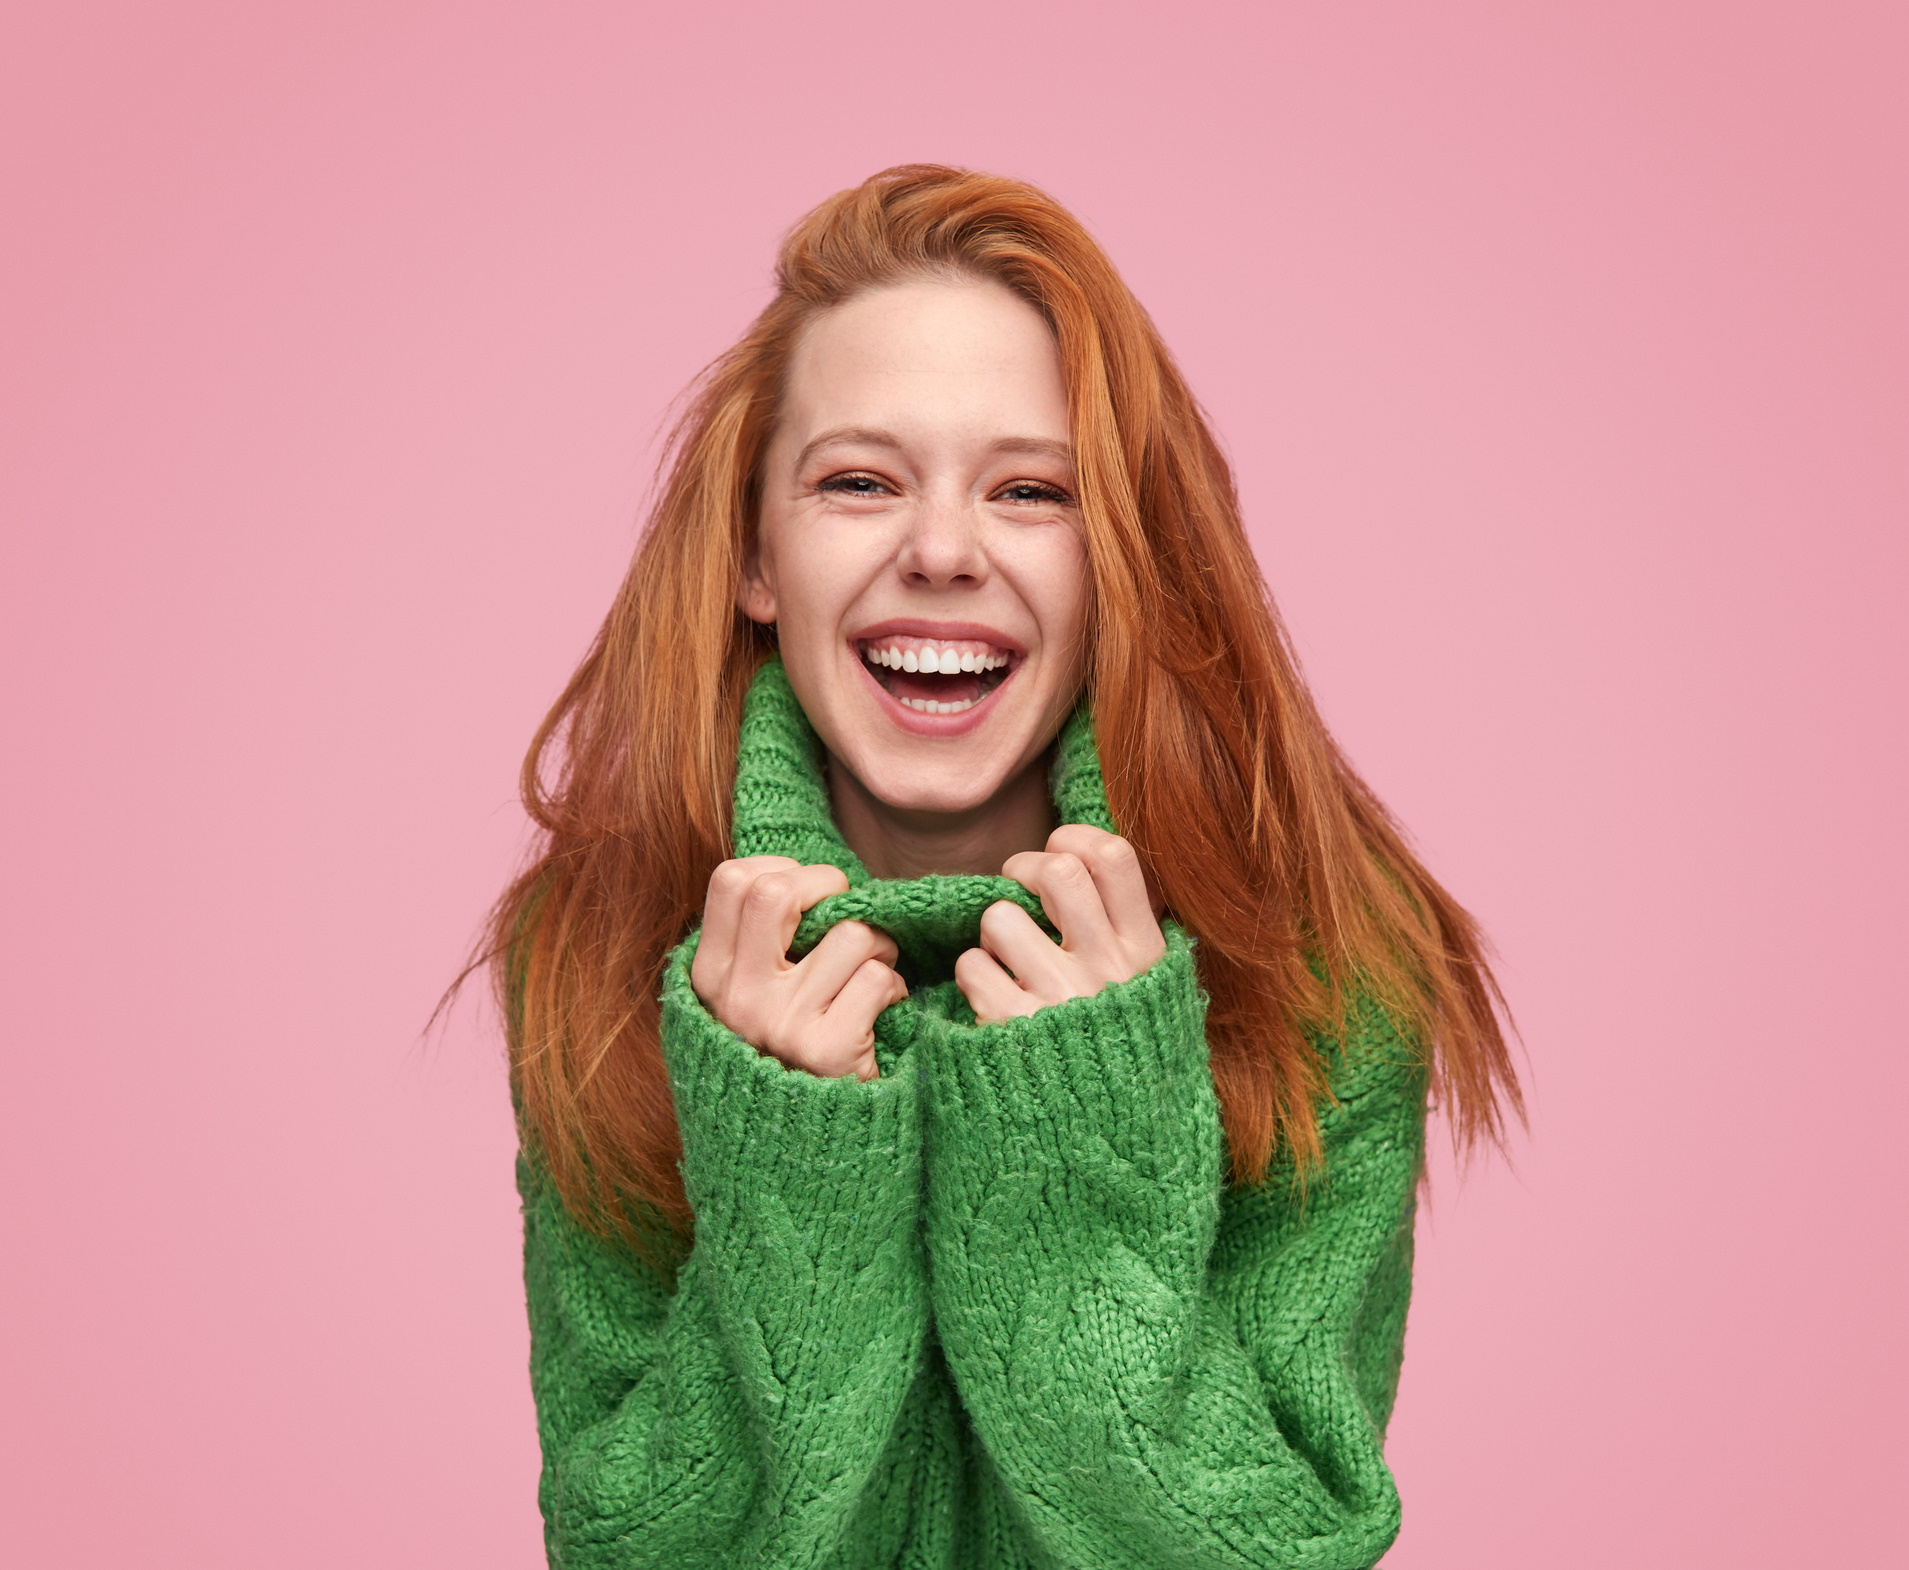 <p><strong>Зелено</strong></p>  <p>Свързваме зеленото с парите и зеленчуците, но учените казват, че хората, предпочитащи този цвят, обичат да са на открито и имат желание да чувстват сигурност. Зеленото се свързва с успеха, има и успокояващ ефект.</p>